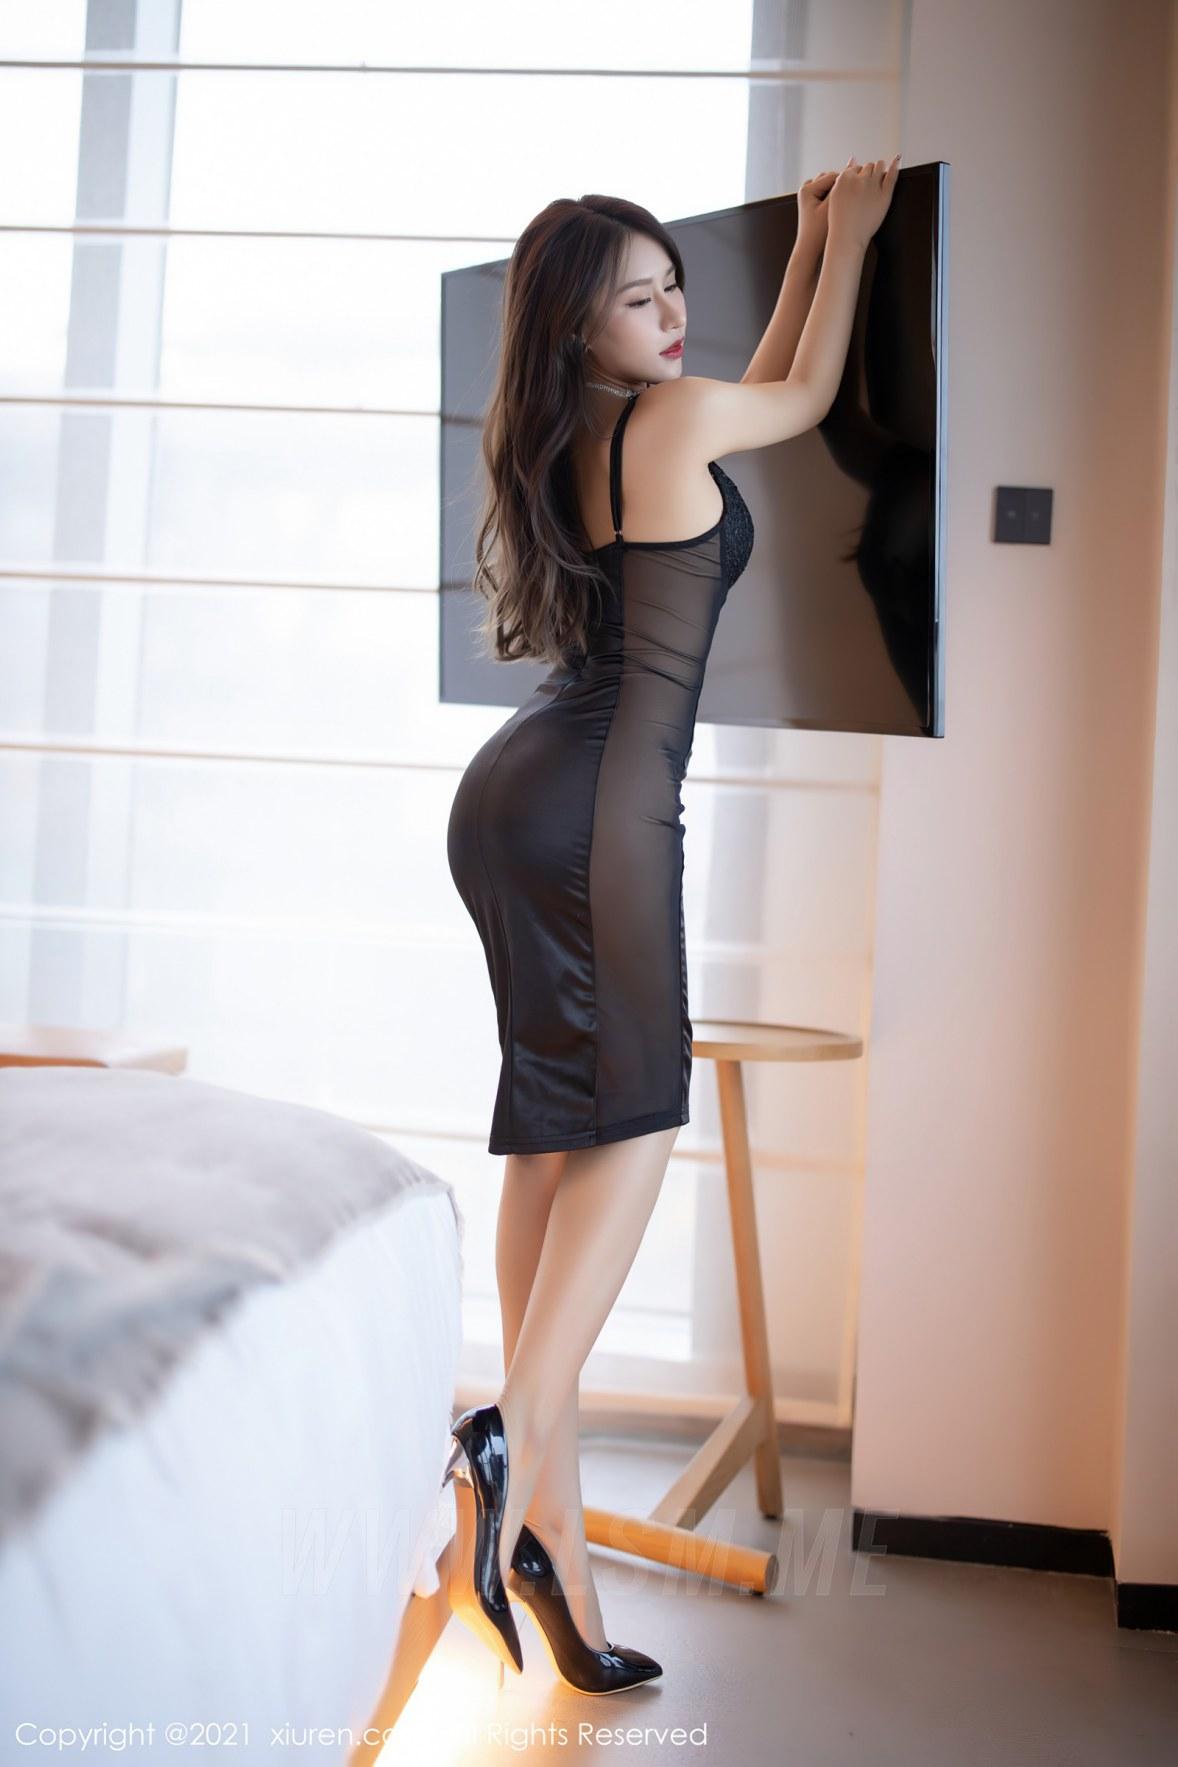 3465 005 wa7 3600 5400 - XiuRen 秀人 No.3465  黑色吊裙 徐安安 三亚旅拍写真 - 秀人网 -【免费在线写真】【丽人丝语】